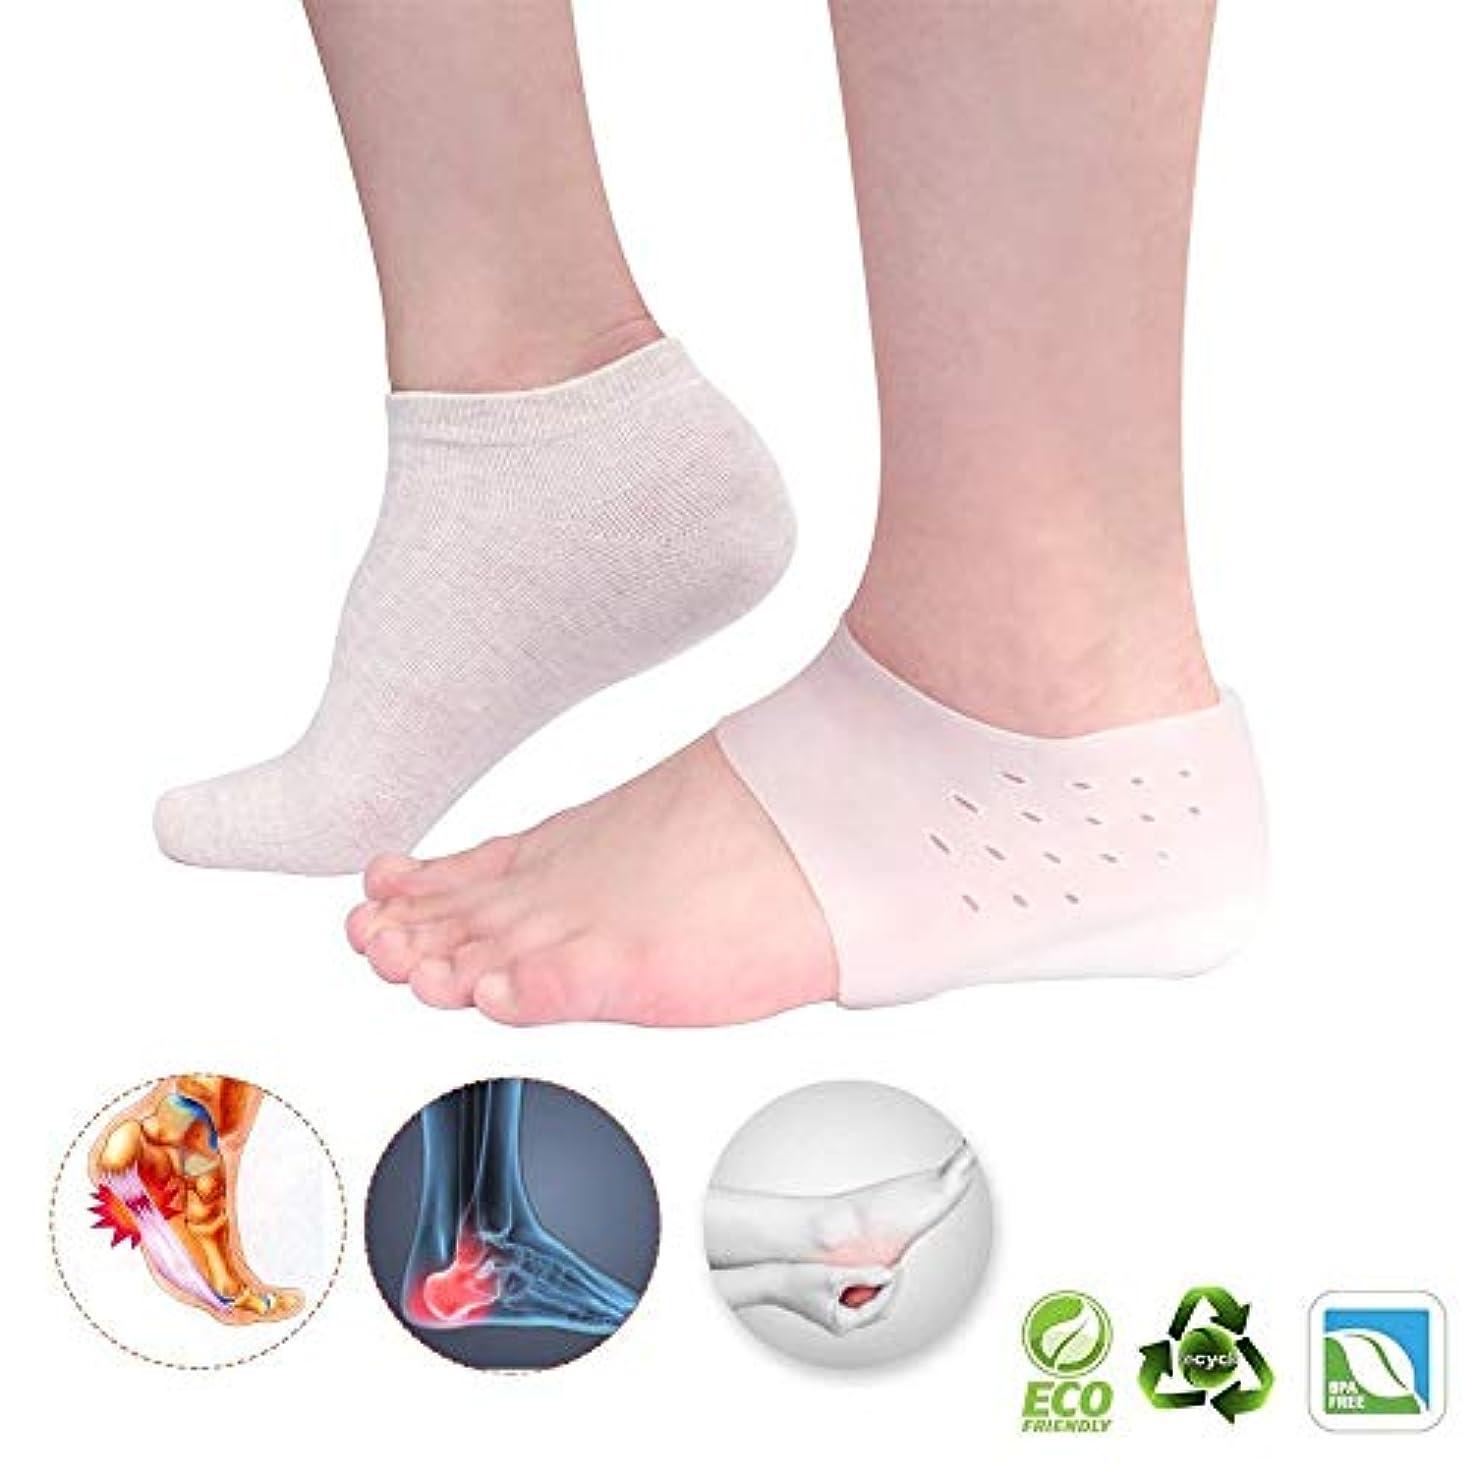 機会まとめる休憩高さ増加ジェルスリーブ-足底筋膜炎、足のクッションの男性の女性のためのゲルヒールの高さ見えないエレベーター、パッド、シリコーン見えないヒールプロテクターMen-3 cm